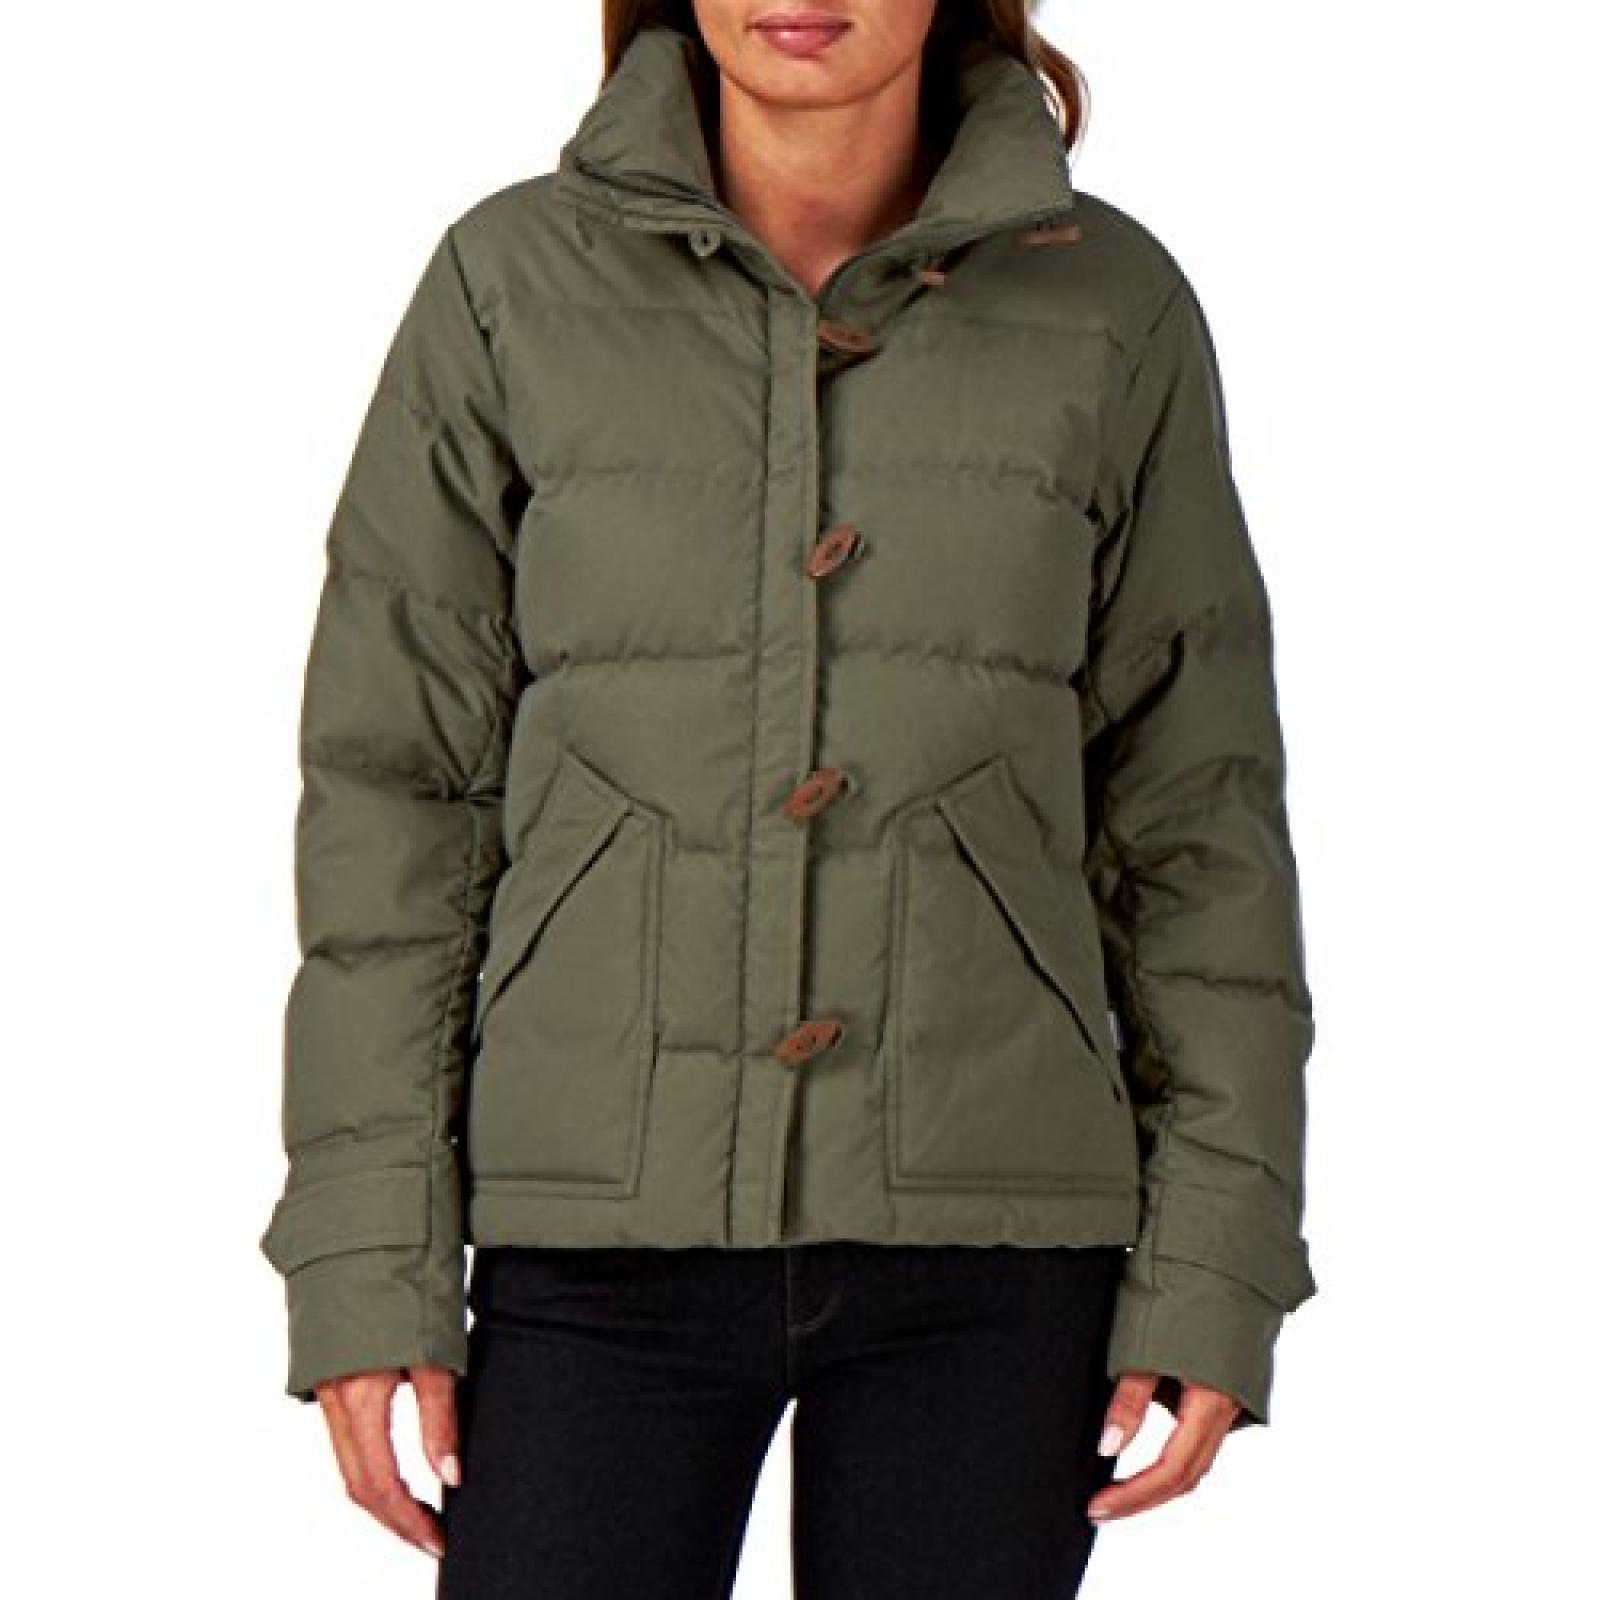 Patagonia Toggle Down Jacket - Fatigue Green